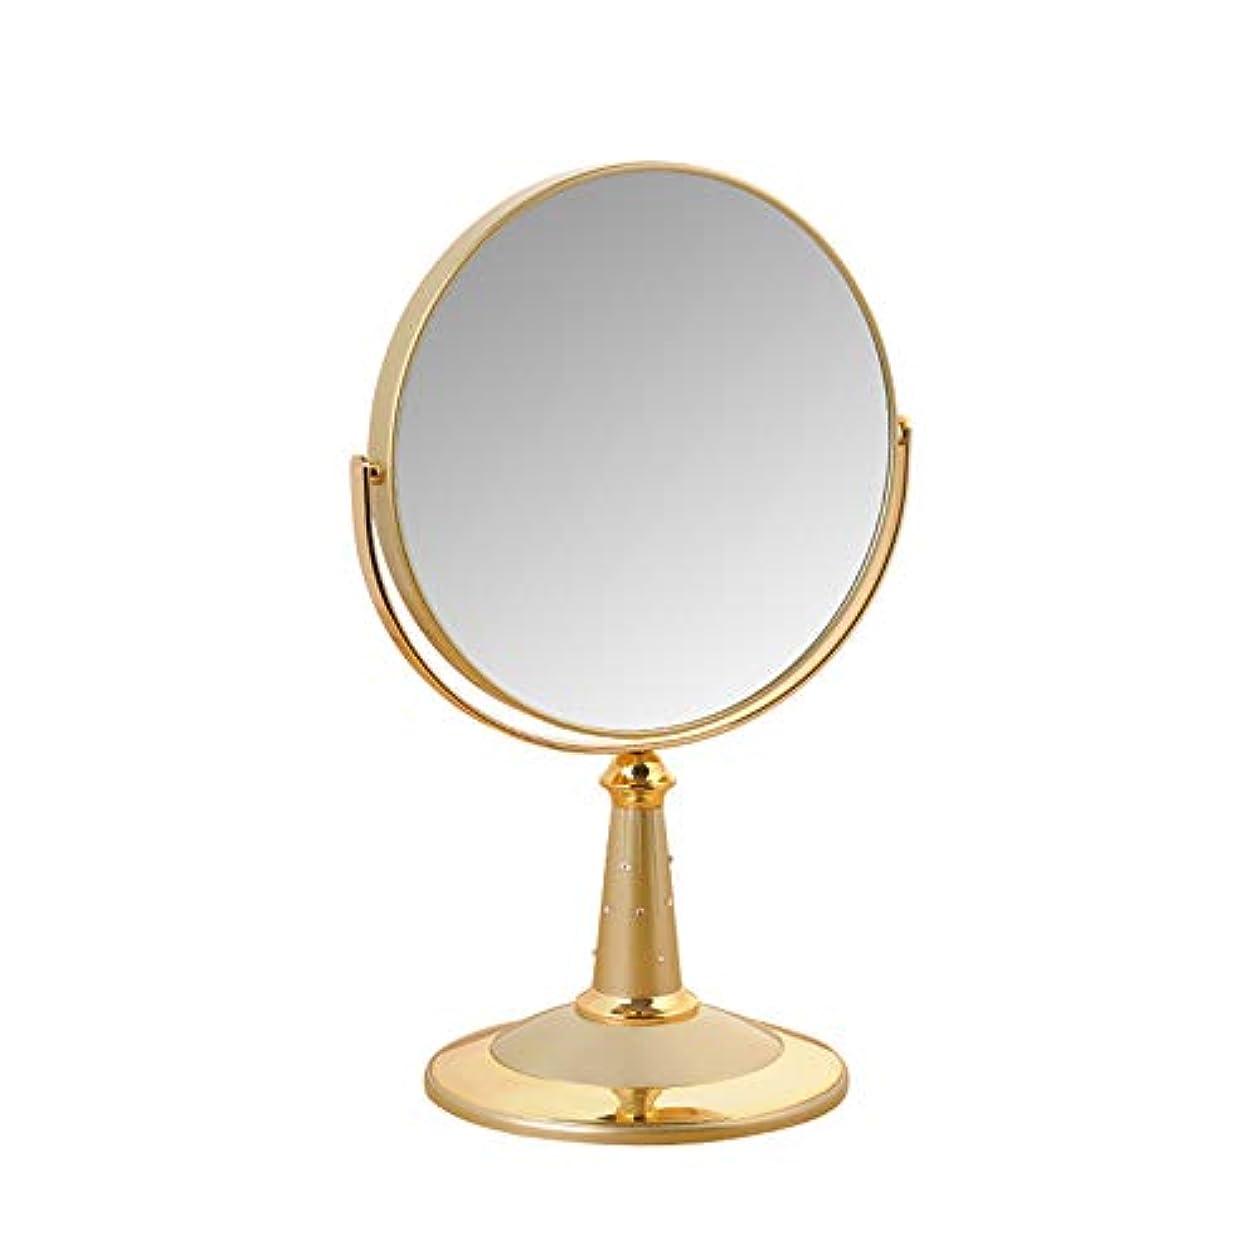 ダニオンス普通のDNSJB 7インチのバニティミラー、360度回転する拡大鏡、4色のドレッシングテーブルメイクアップミラー (Color : Gold)